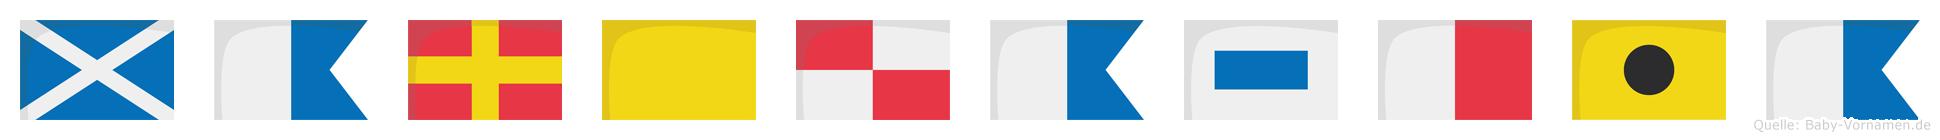 Marquashia im Flaggenalphabet